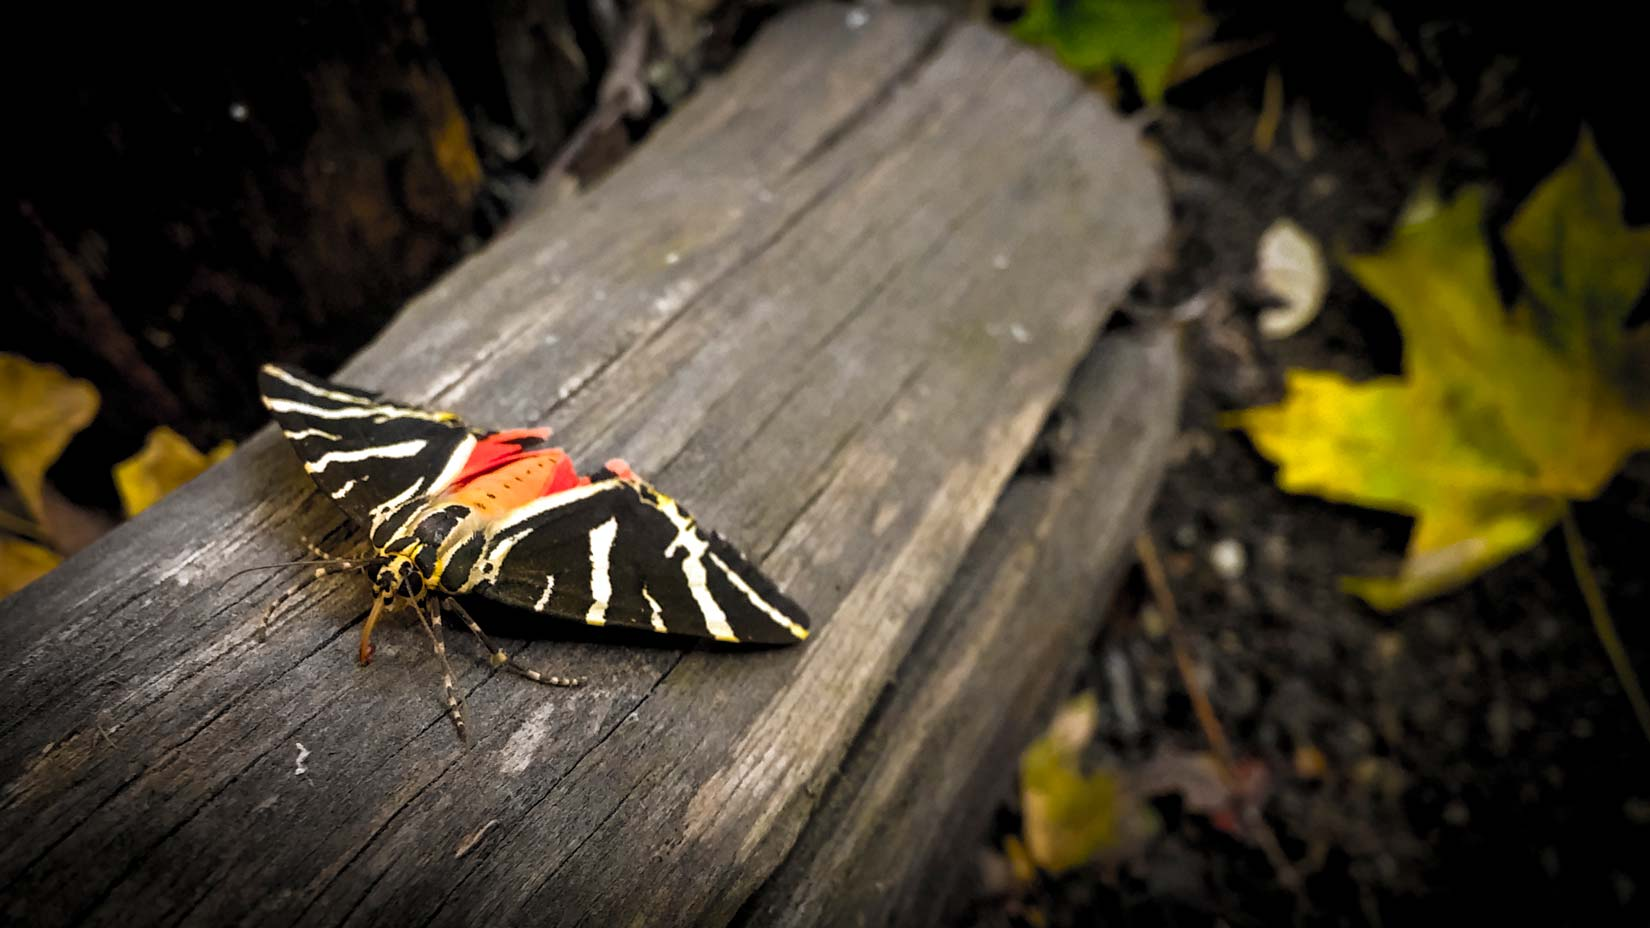 Tady už se nám motýlek Panaxia nápadně vybarvuje a máte vidět, když přilétají a odlétají ze skupinové seance - jen to rudě bliká na všechny strany